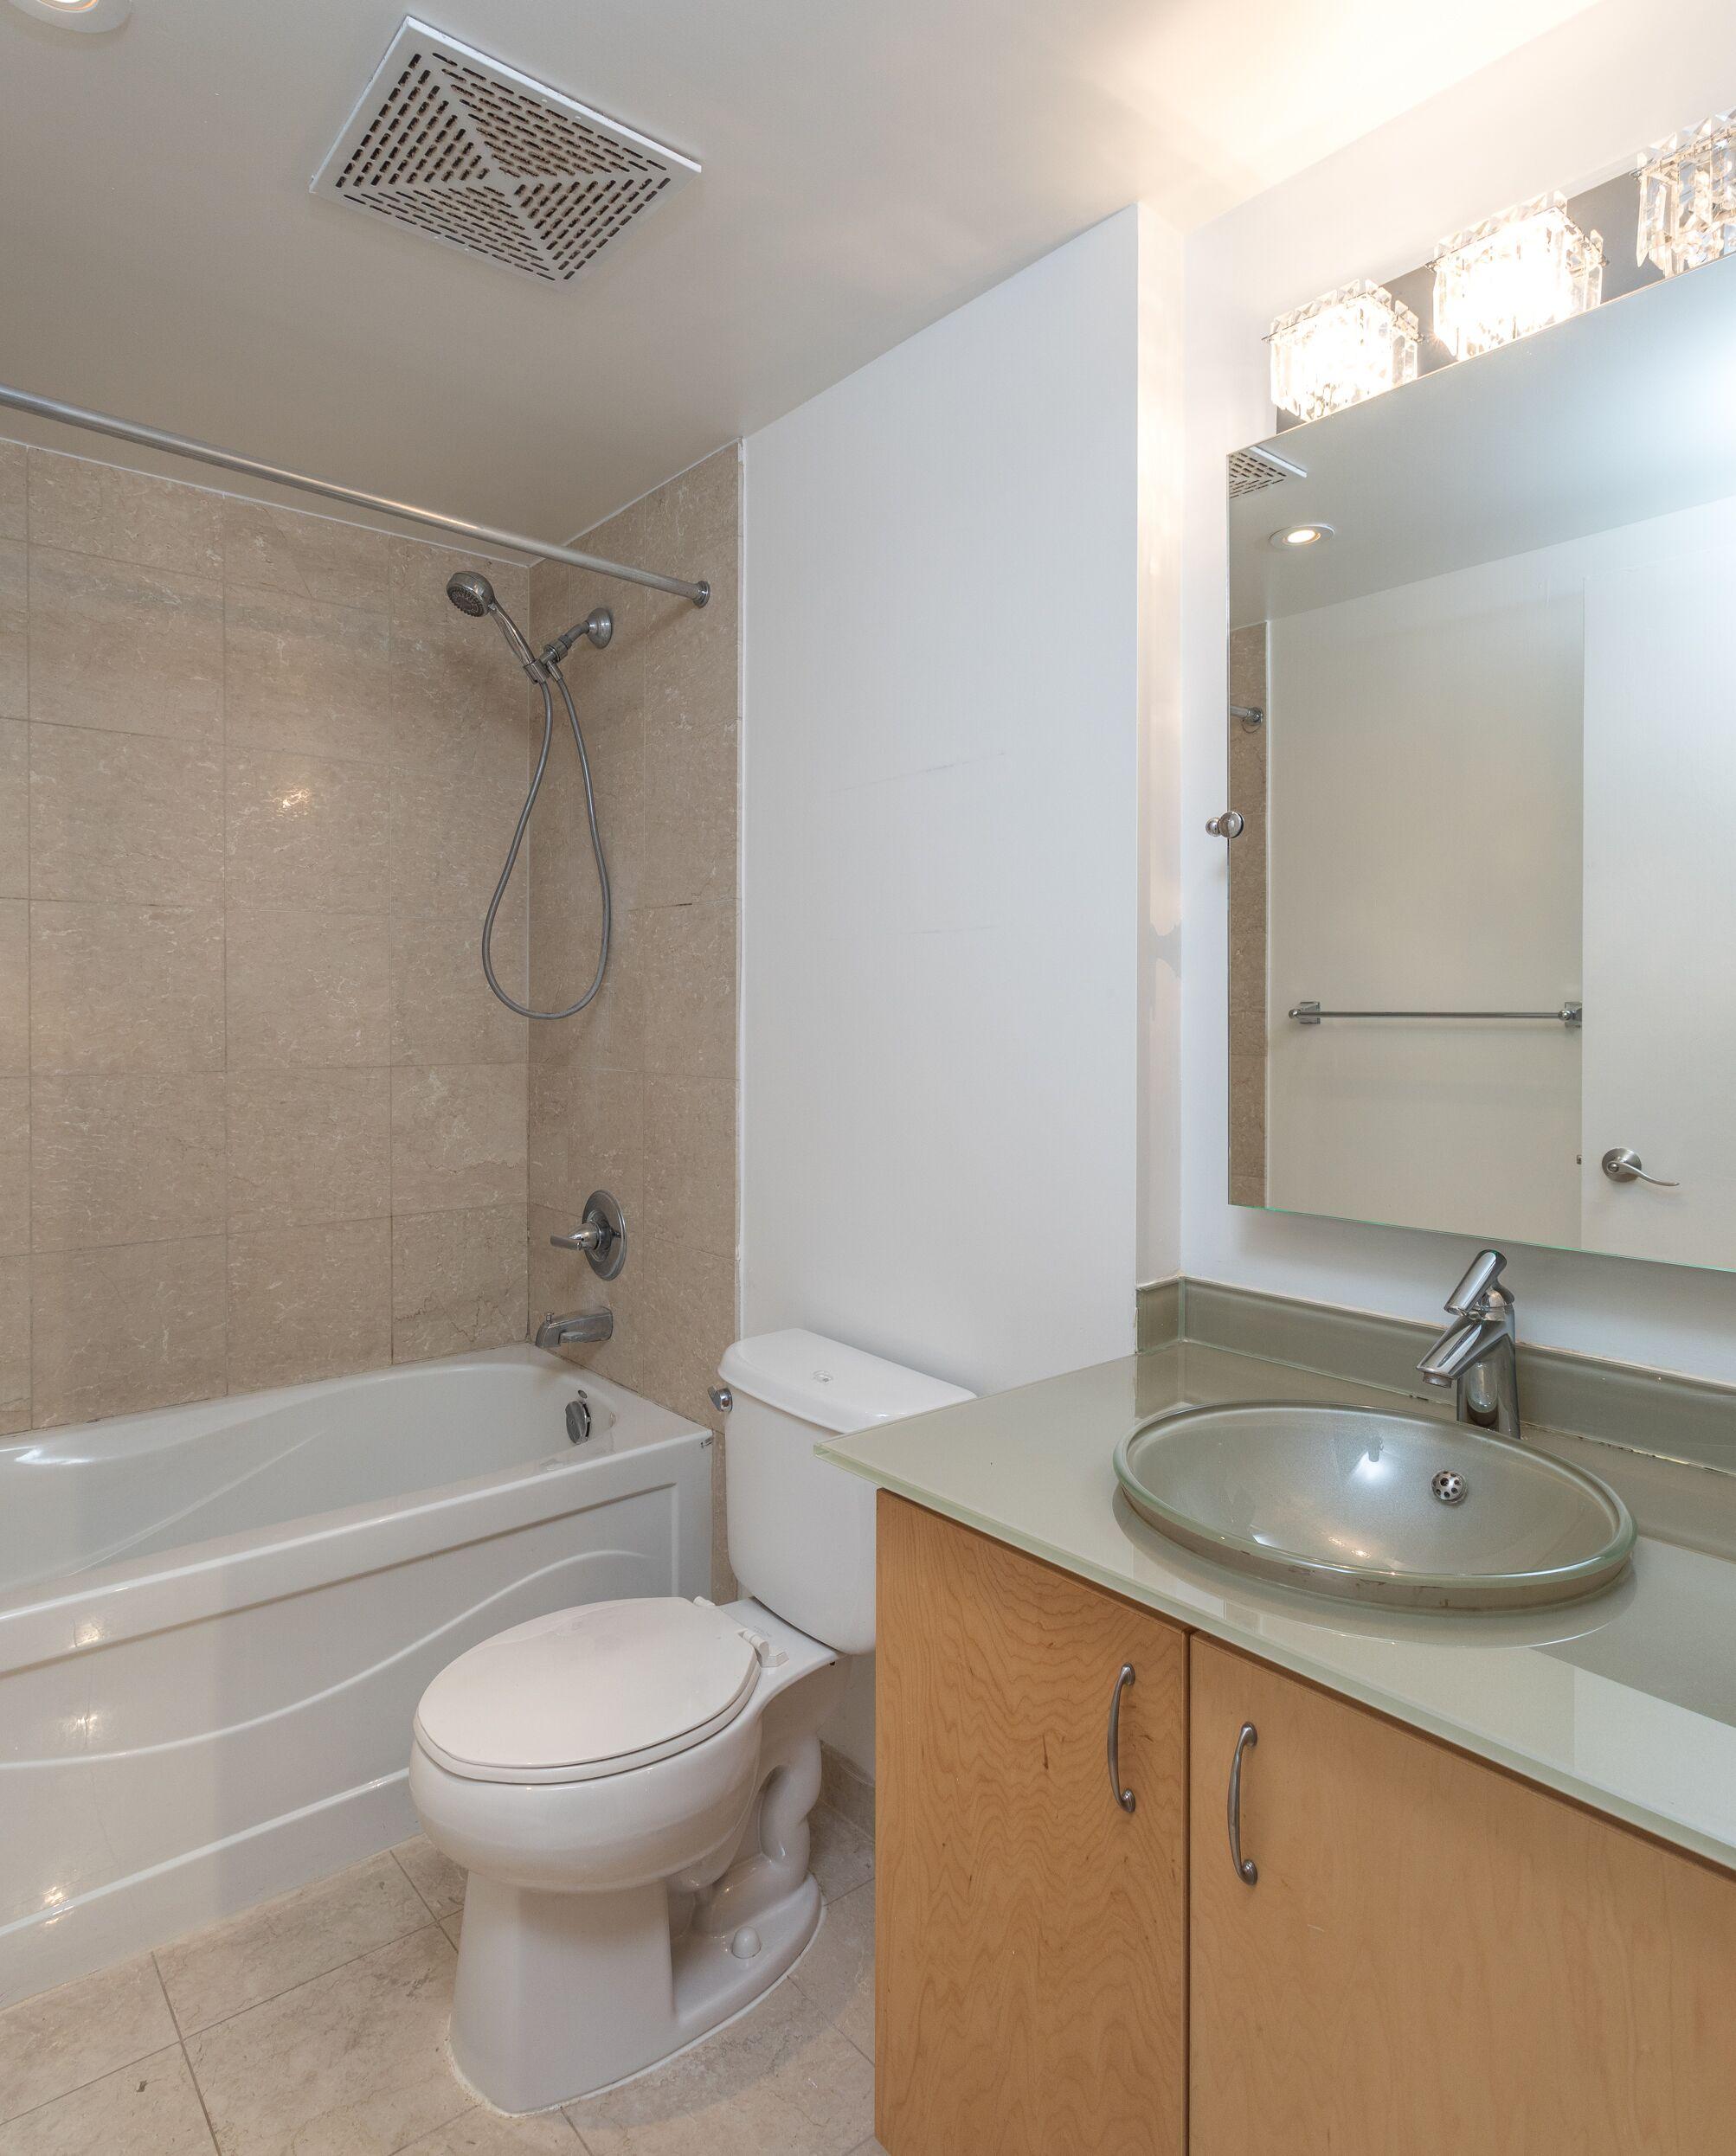 8 Scollard bathroom.jpeg